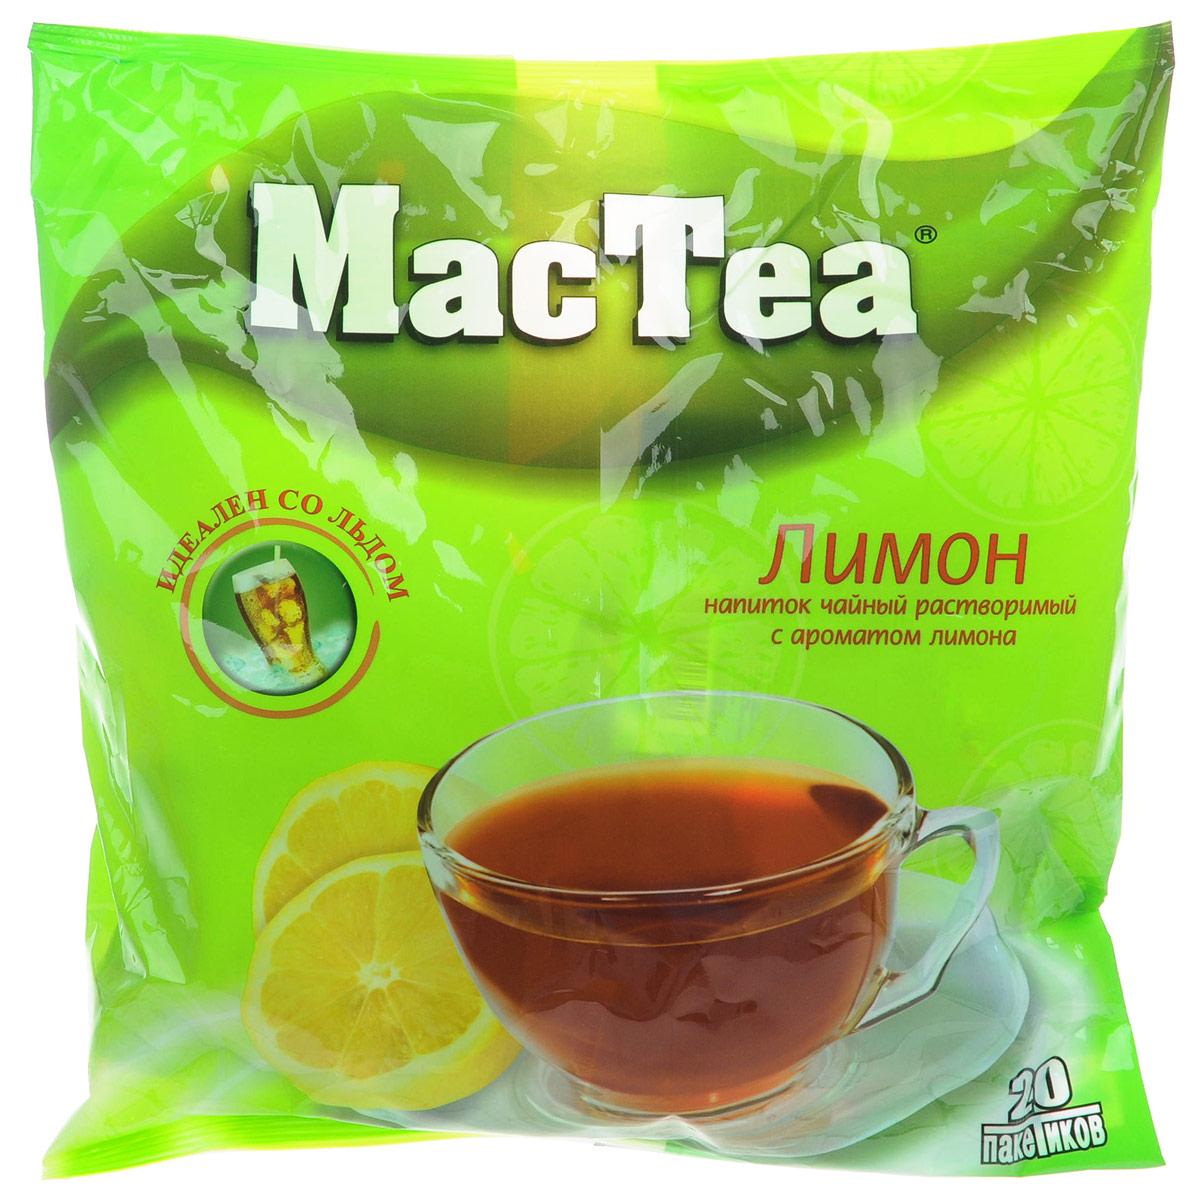 MacTea напиток чайный с лимоном, 20 шт8887290105019Растворимый чайный напиток MacTea с ароматом лимона понравится и детям, и взрослым. Этот напиток можно употреблять как в холодном, так и в горячем виде. Для приготовления необходимо залить содержимое пакетика стаканом воды и тщательно размешать.